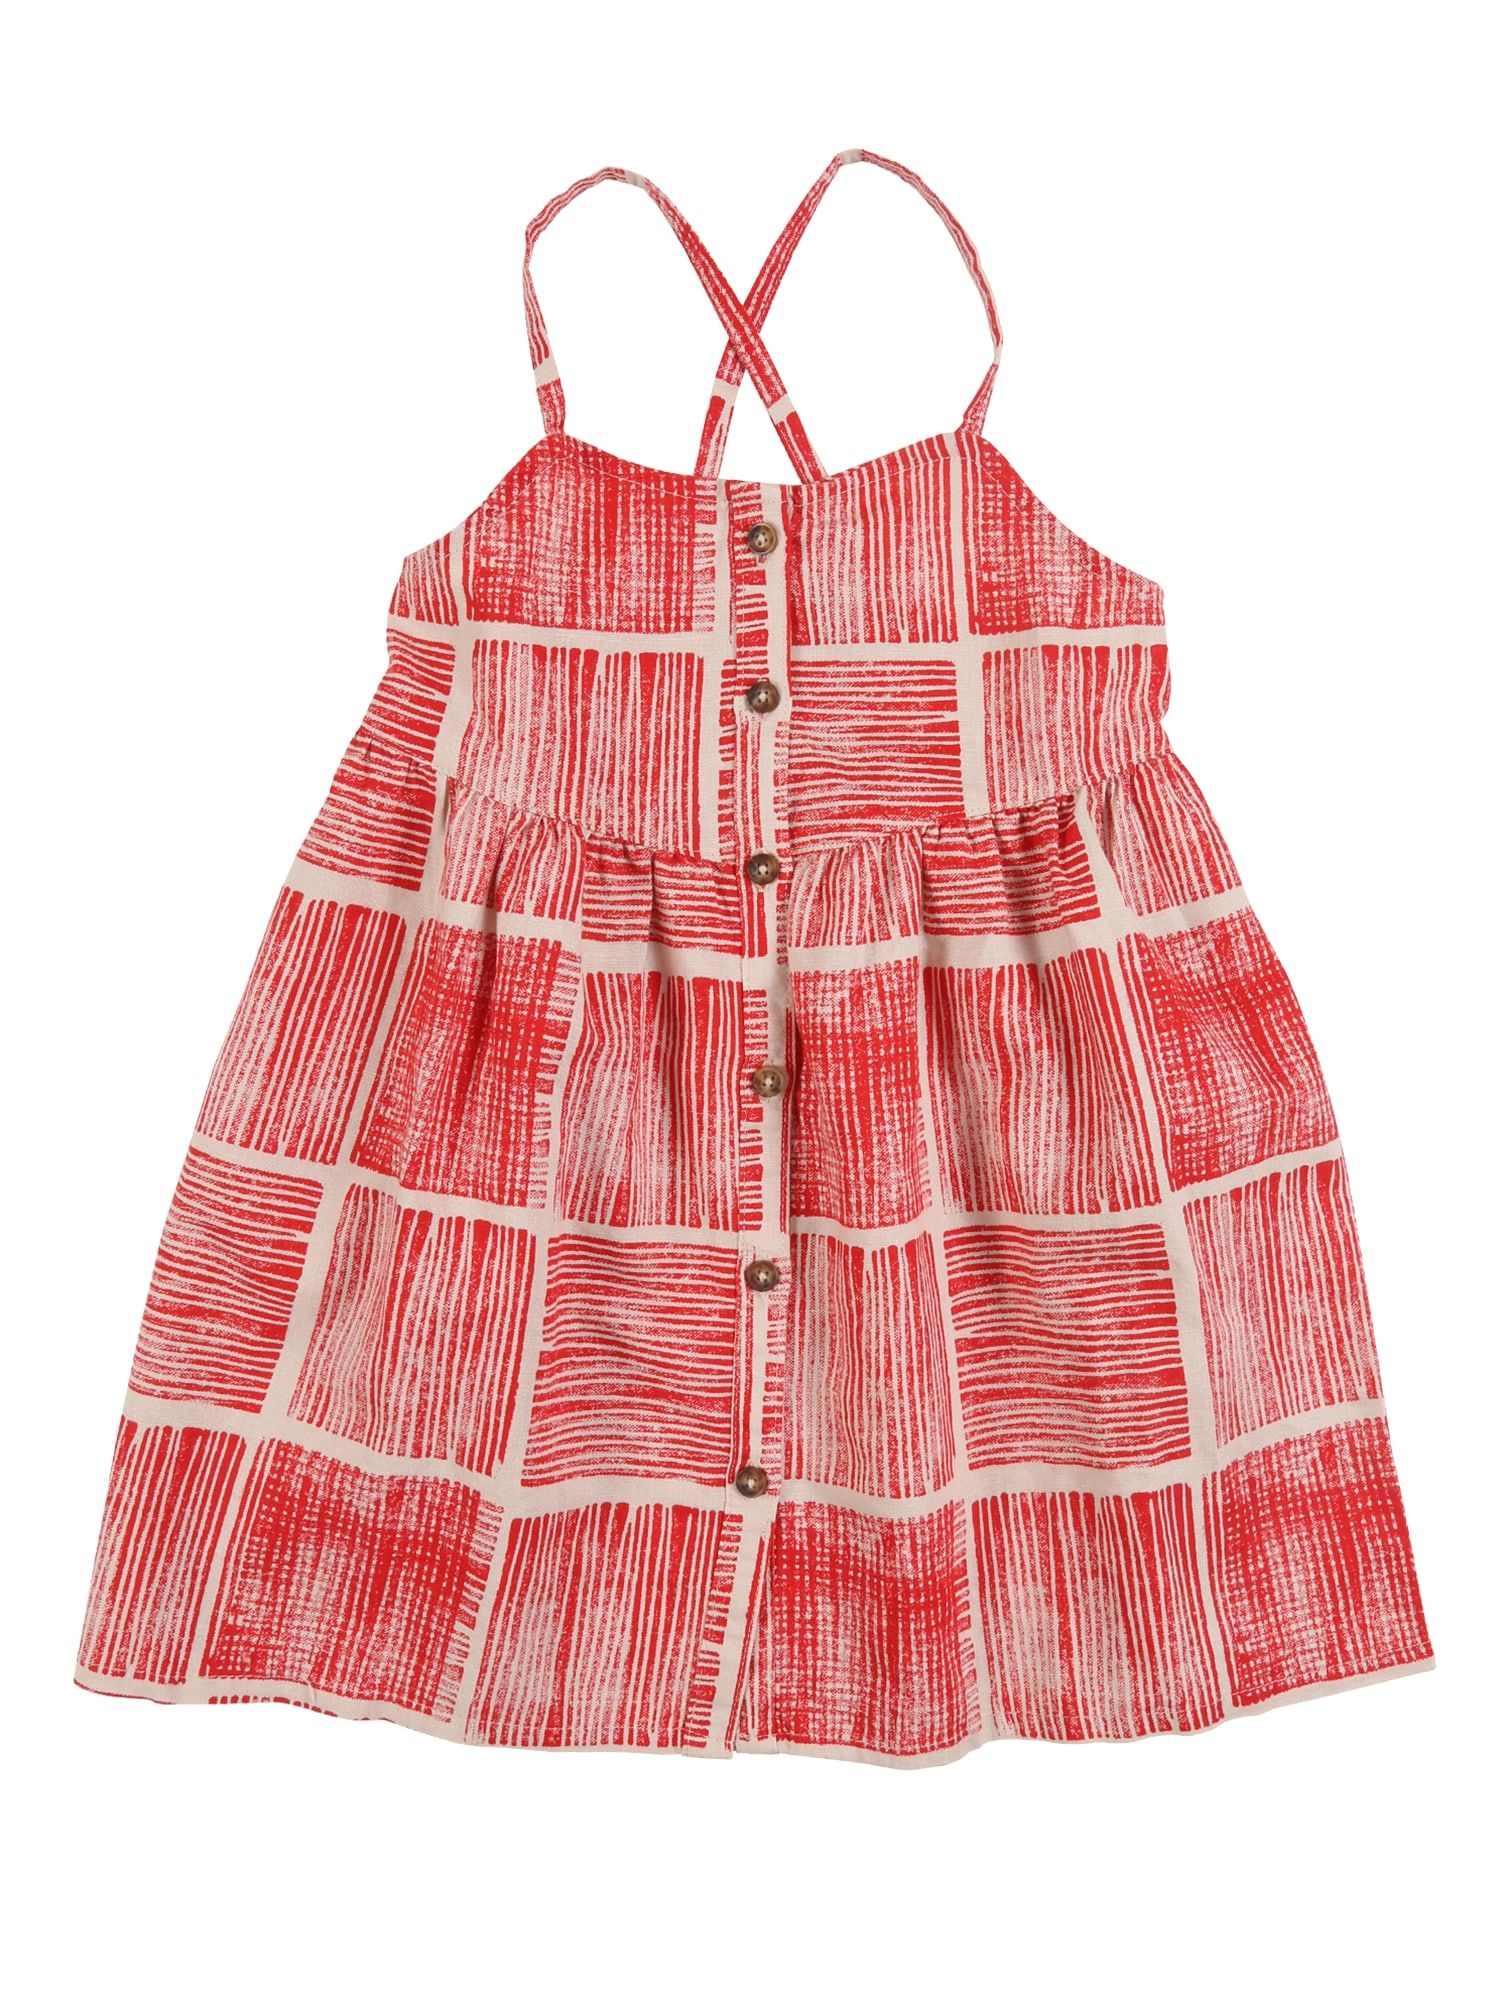 UNITED COLORS OF BENETTON Suknelė raudona / rožių spalva